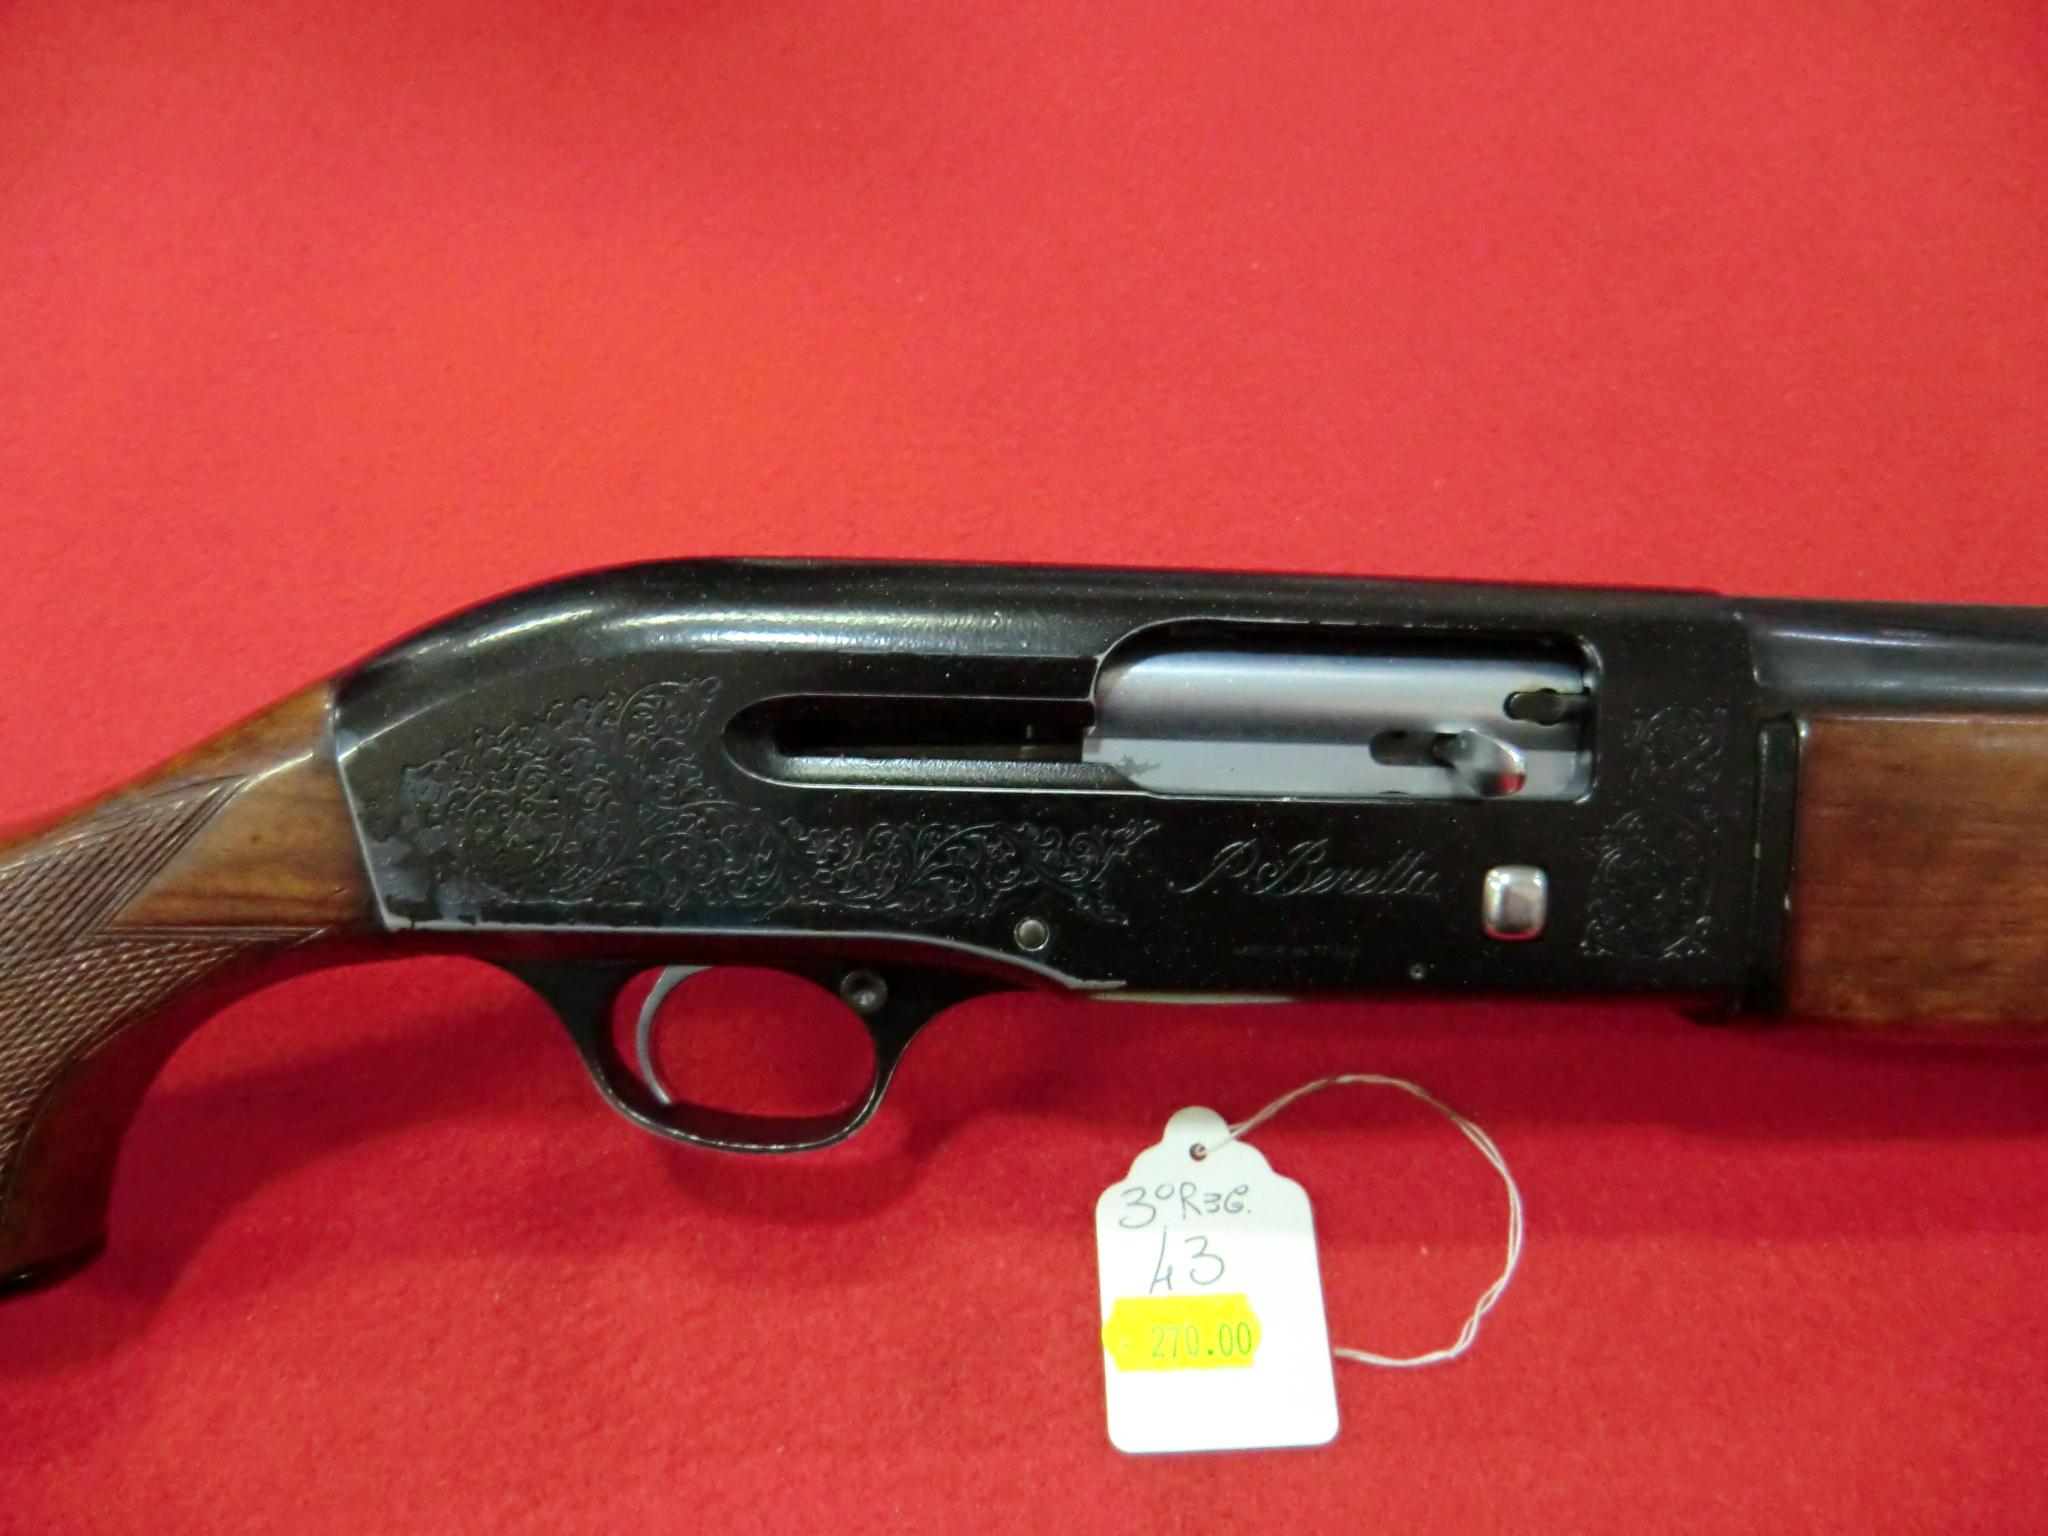 Beretta modello A 301 calibro 12 canna 60 cm con strozzatori esterni